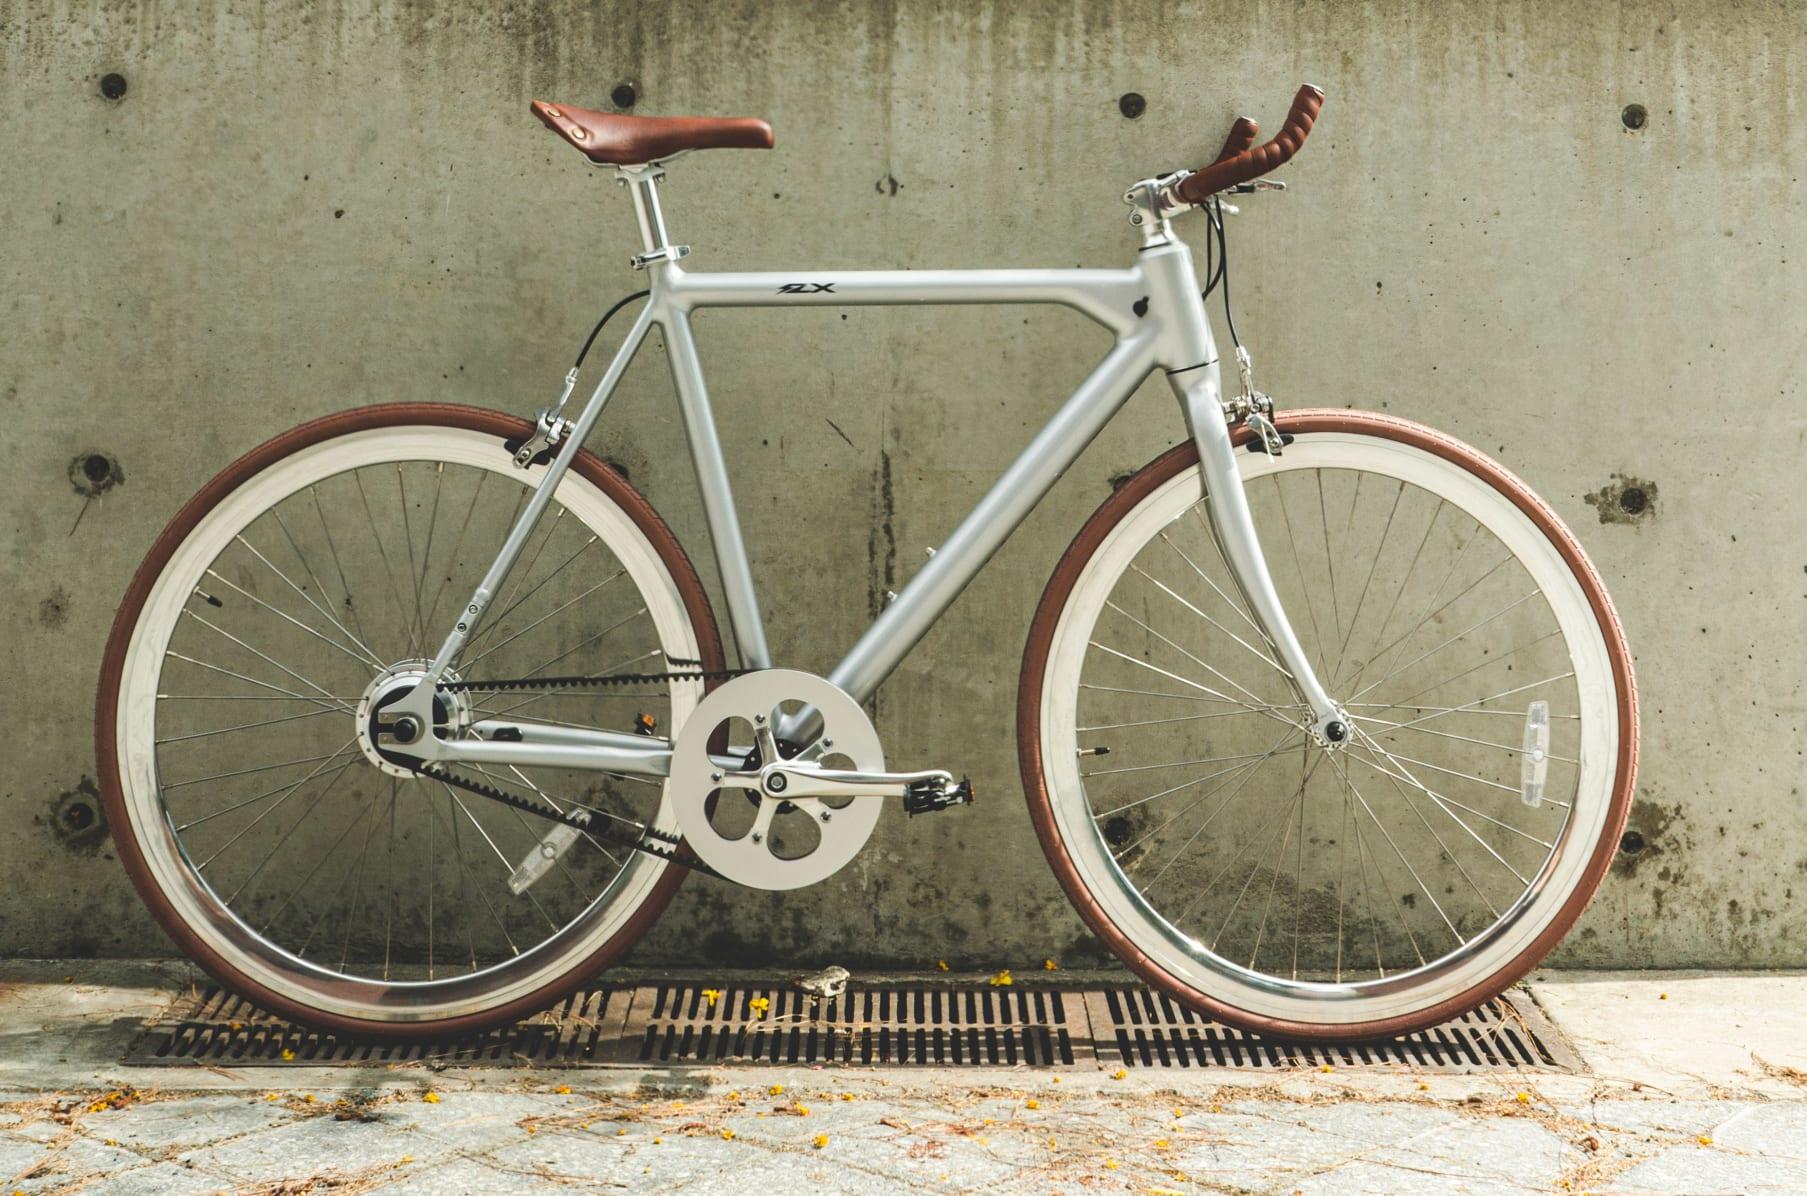 Руководство по выбору размера велосипеда — какой размер велосипеда мне нужен?